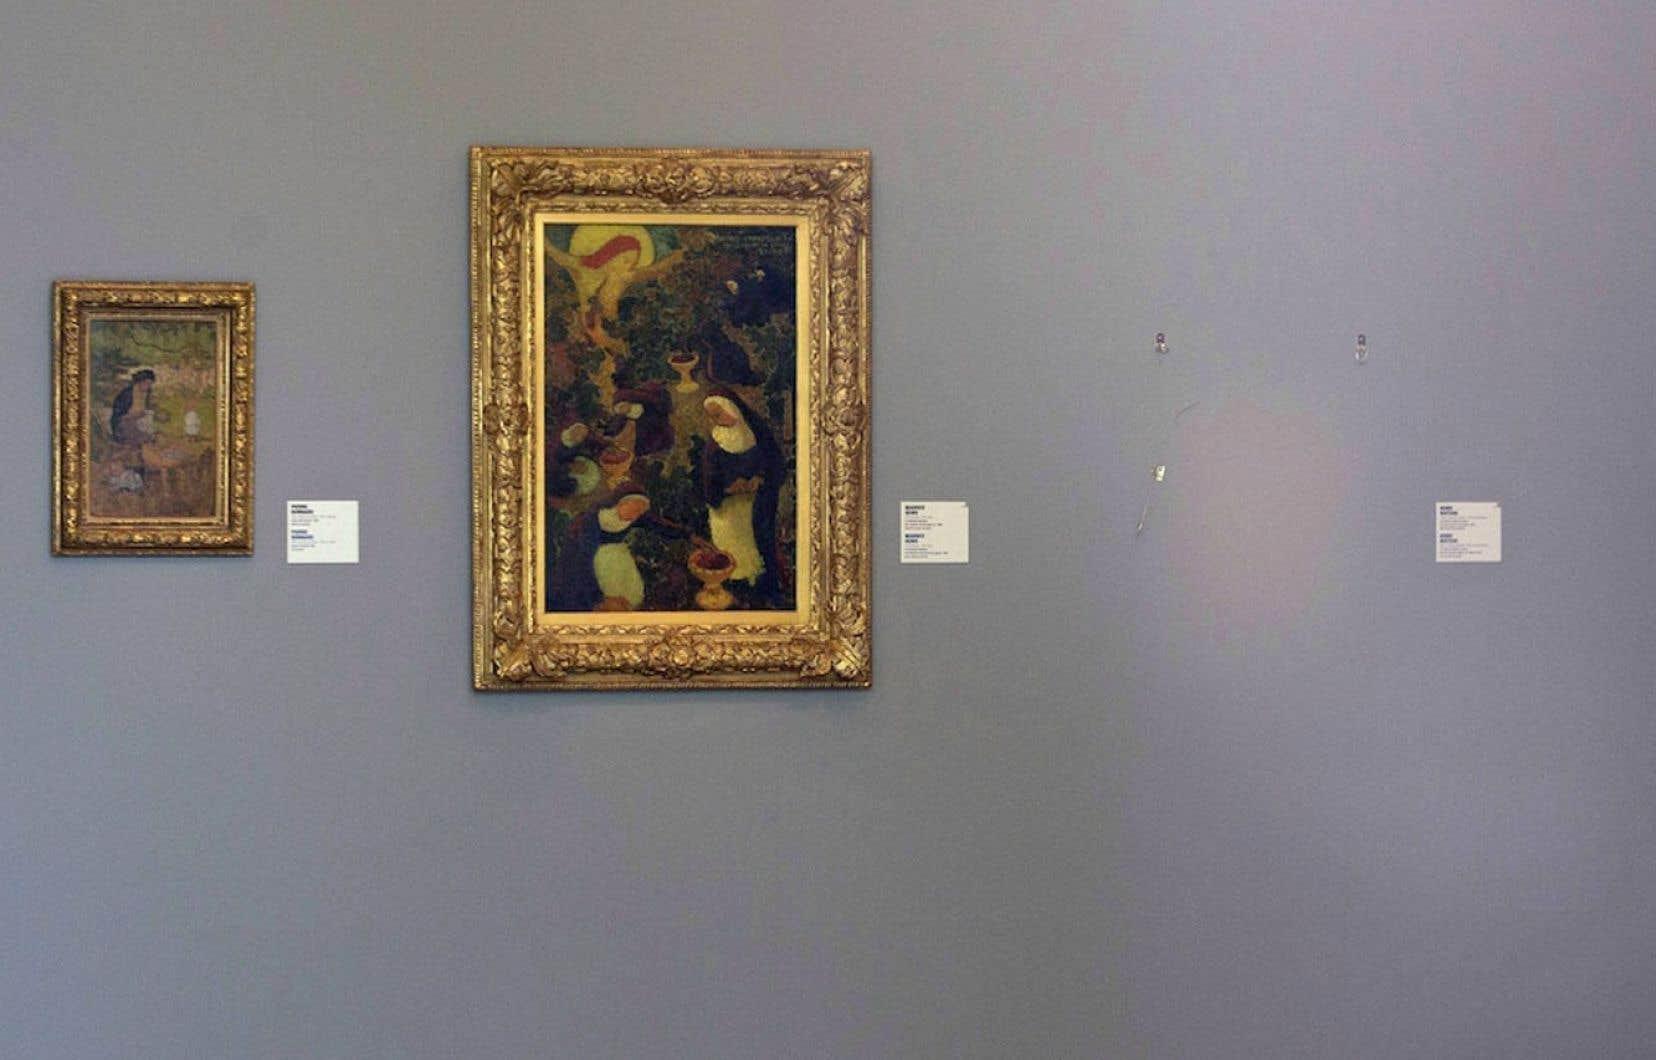 Au musée Kunsthal de Rotterdam, la place qu'occupait La liseuse en blanc et Jaune d'Henri Matisse avant son vol.